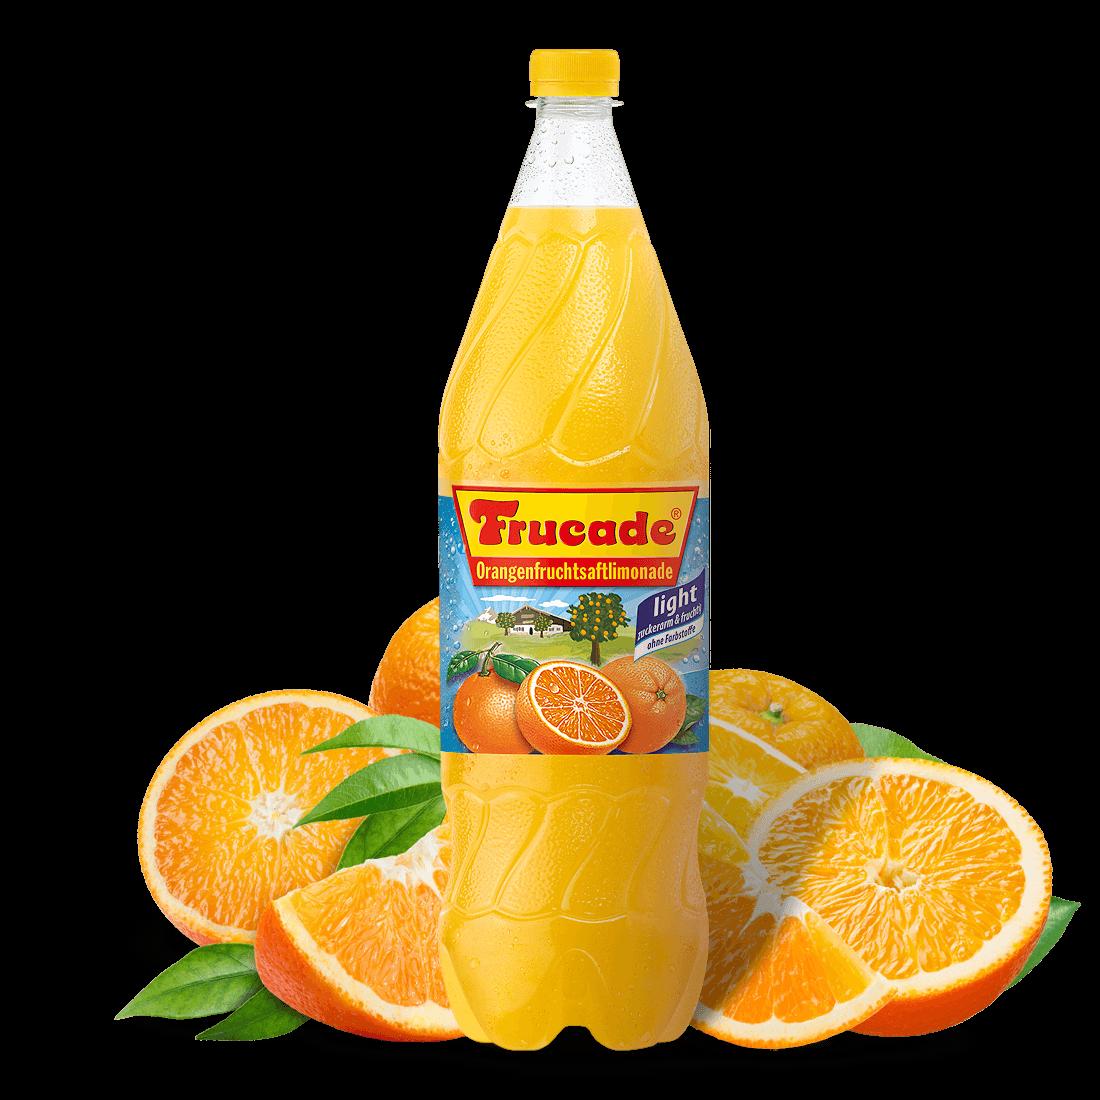 Orangenfruchtsaftlimonade Light